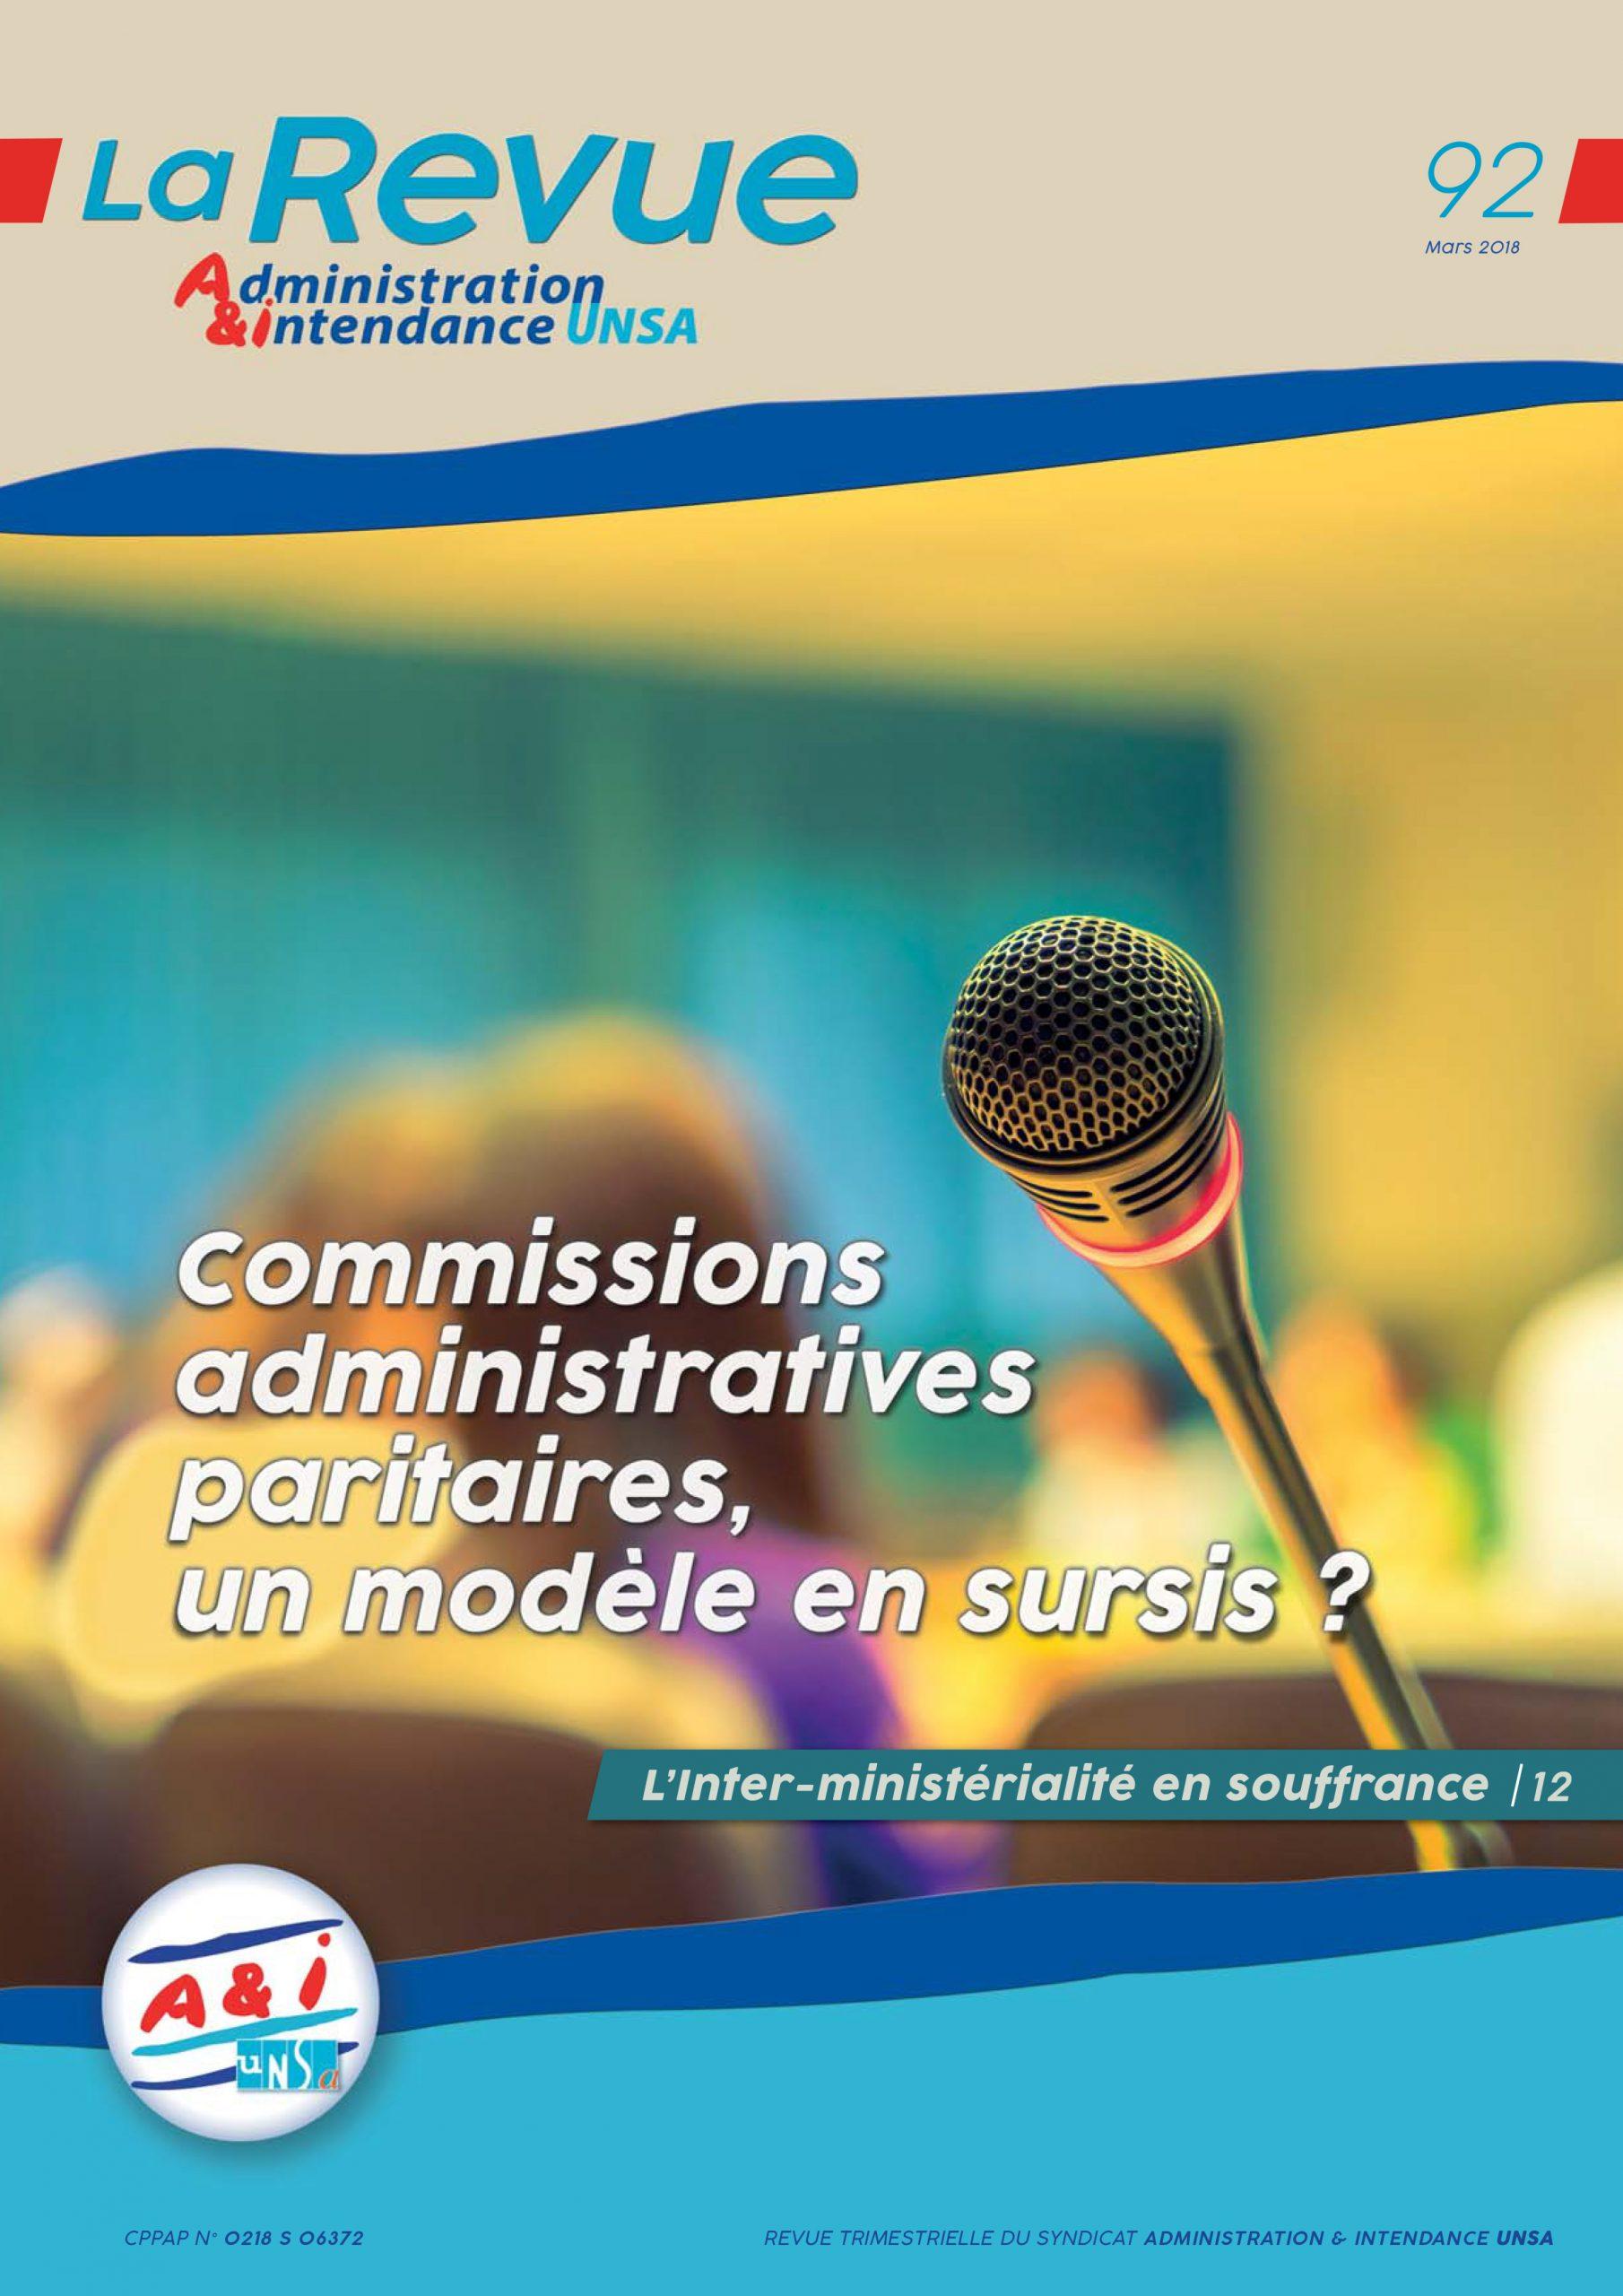 administration et intendance la revue